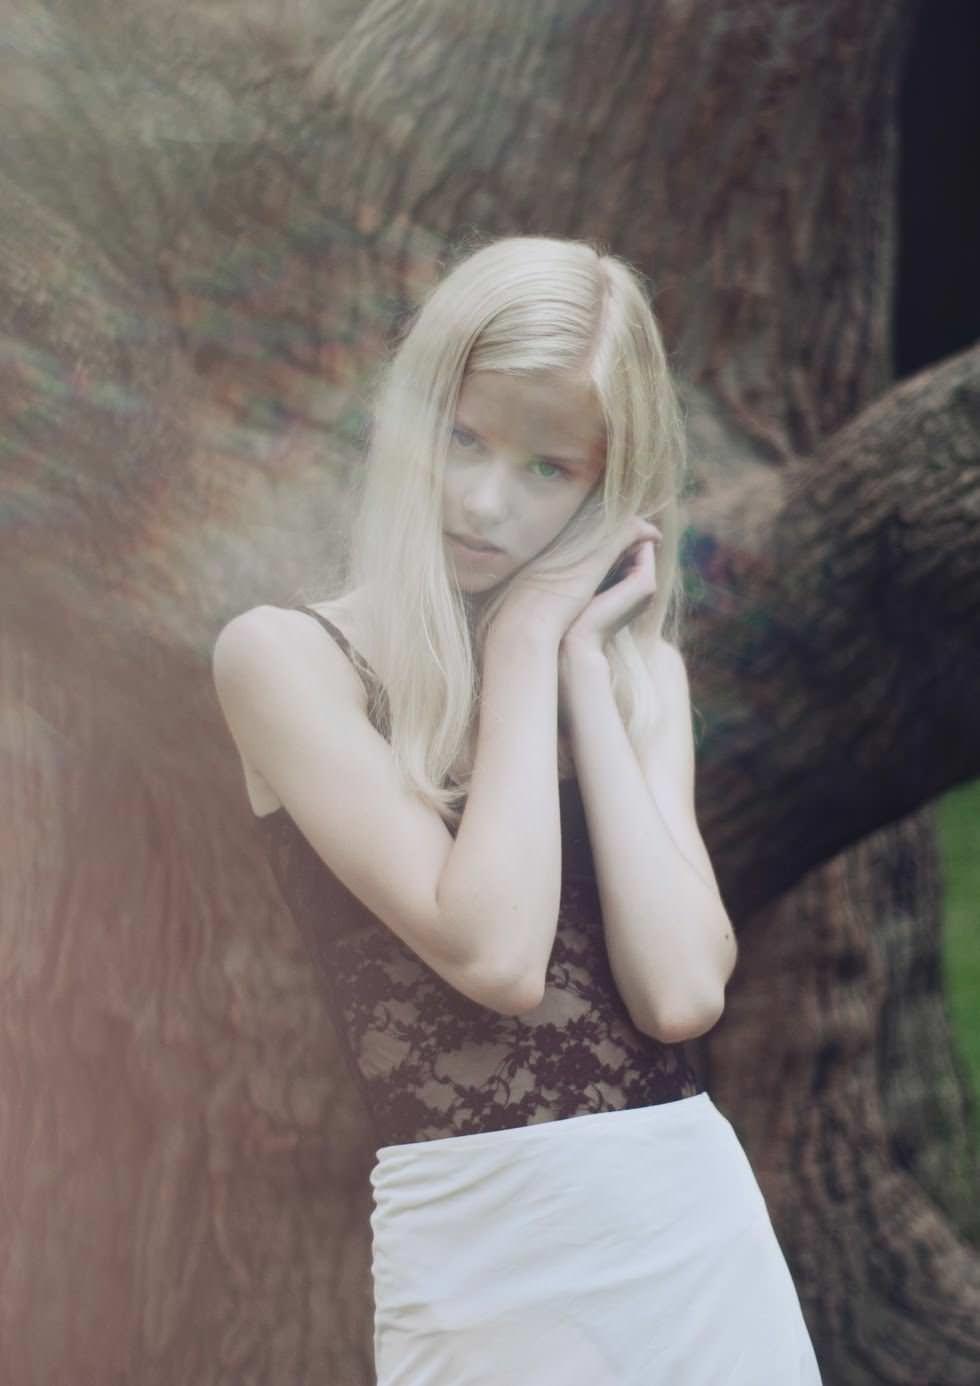 【外人】デンマークの妖精アメリー·シュミット(Amalie Schmidt)が異常な程可愛いポルノ画像 6126